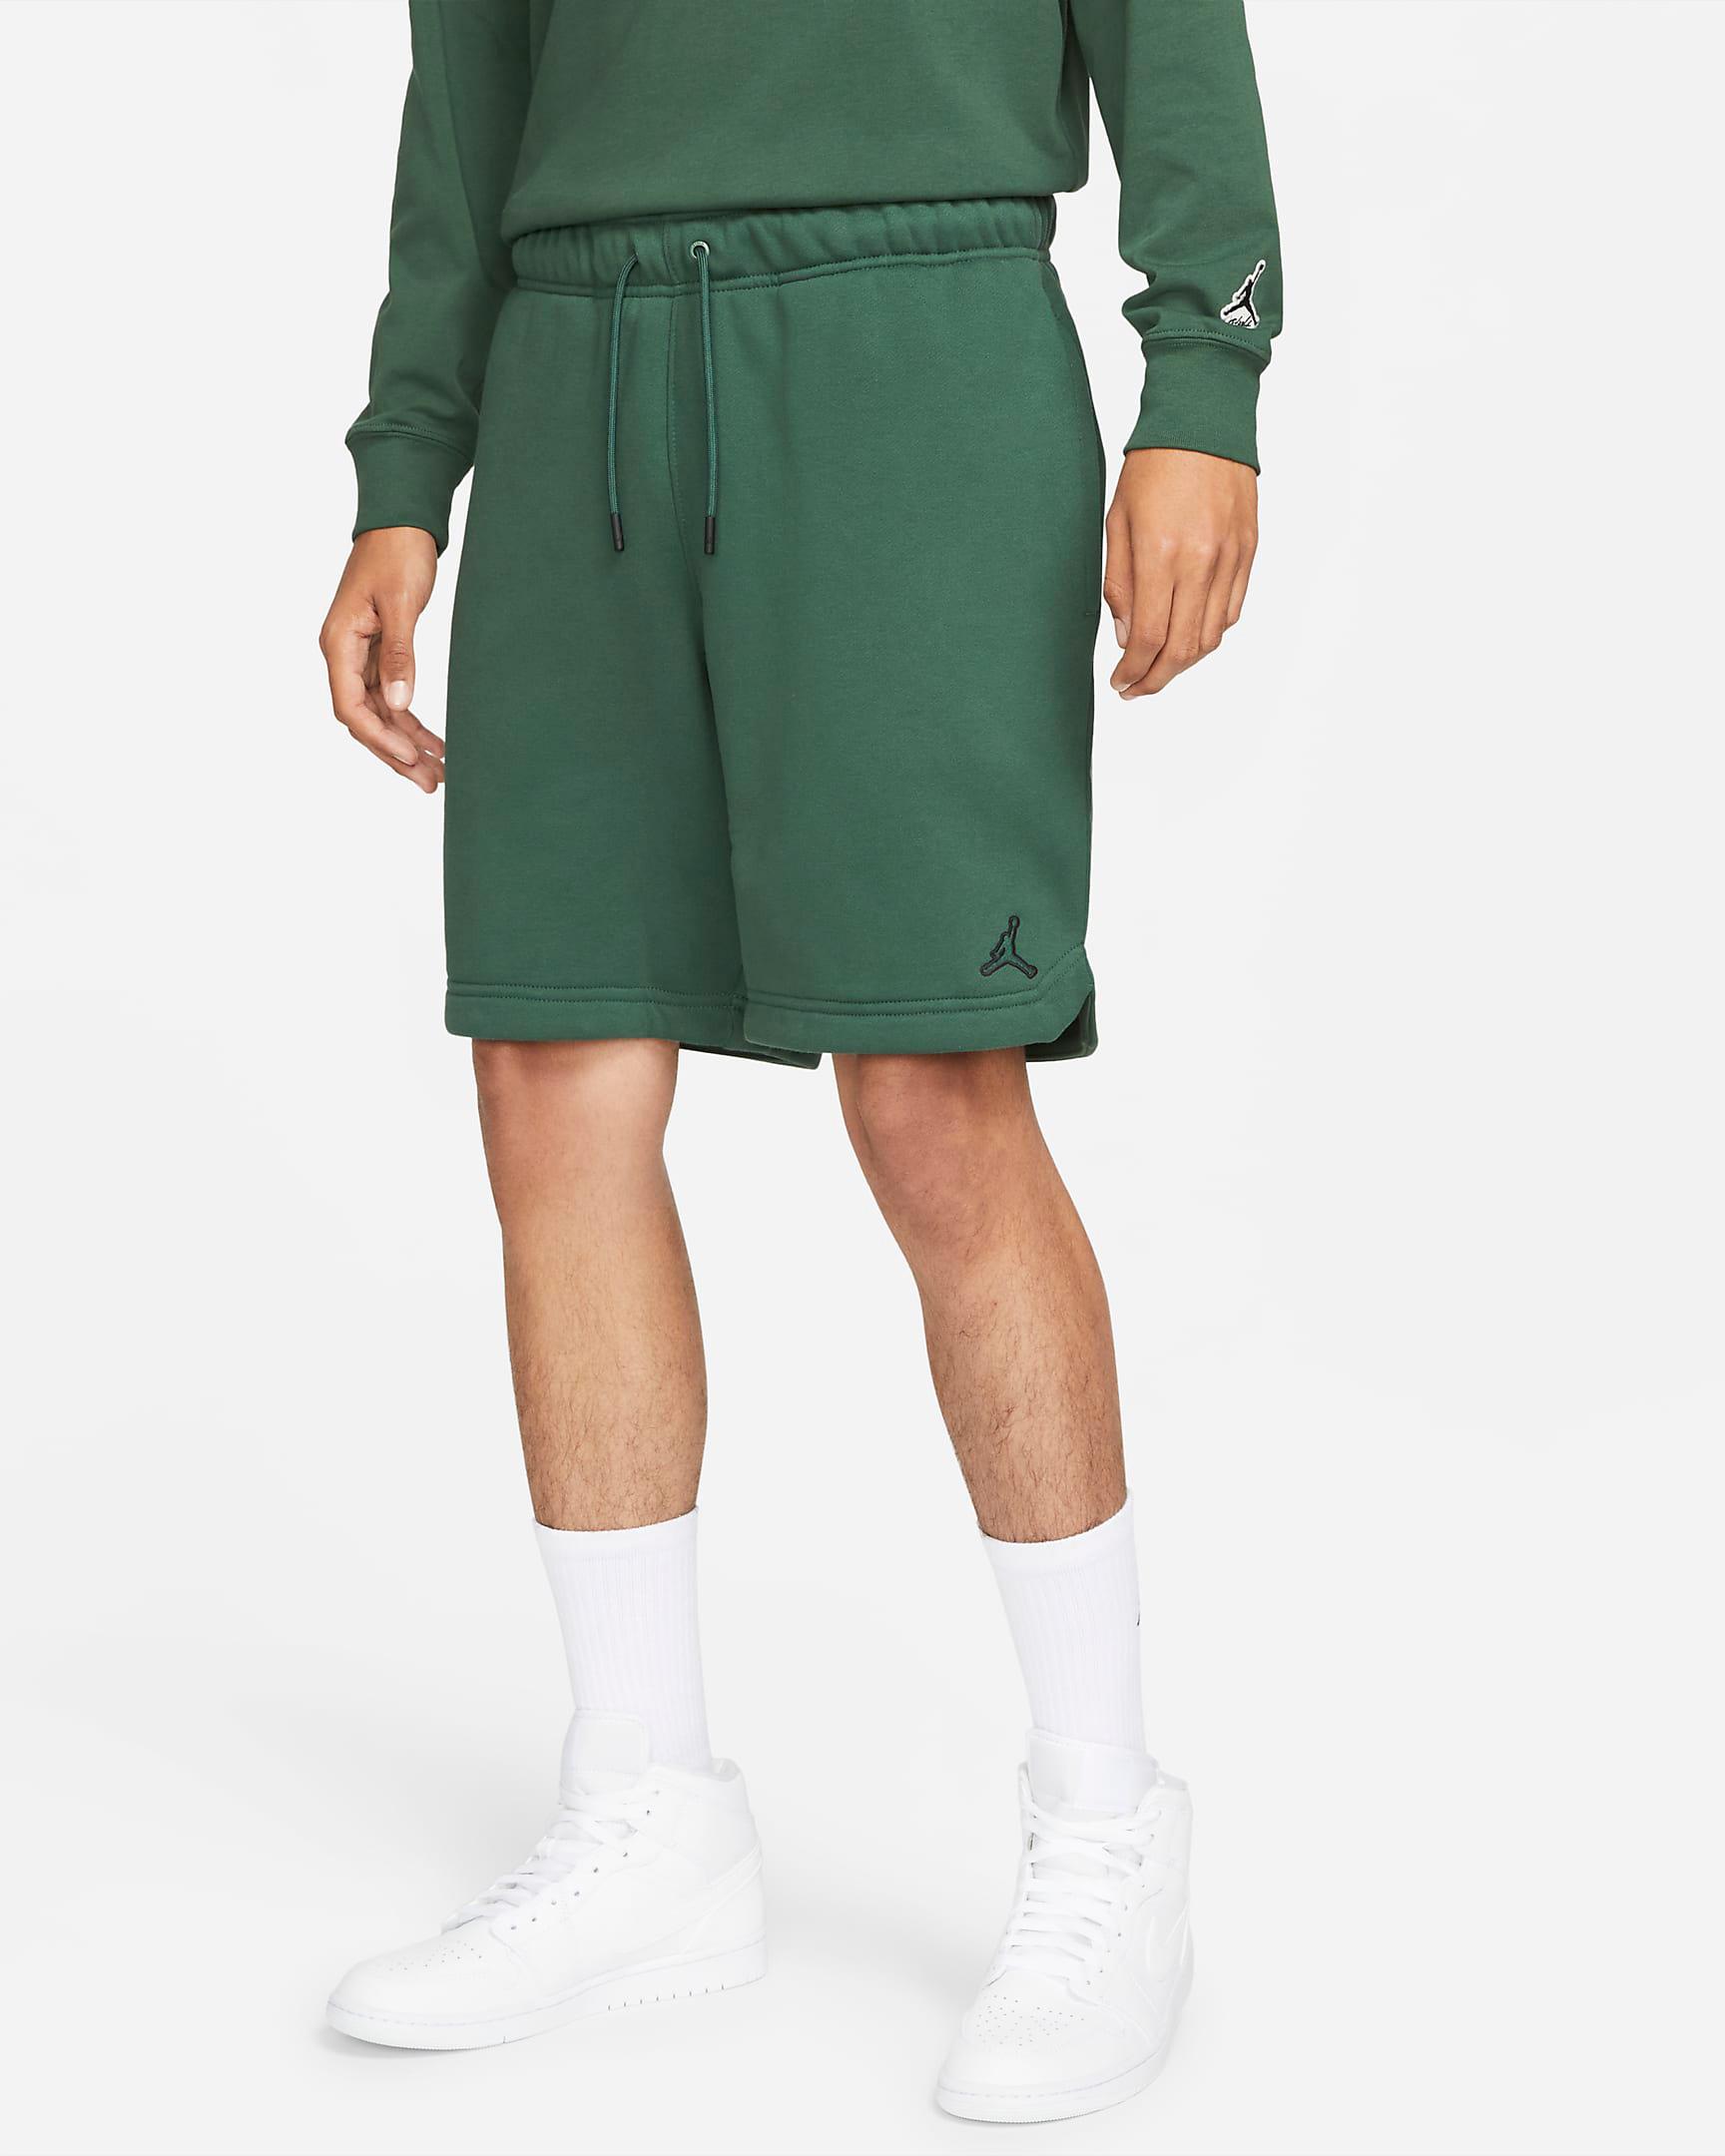 jordan-noble-green-essentials-fleece-shorts-1